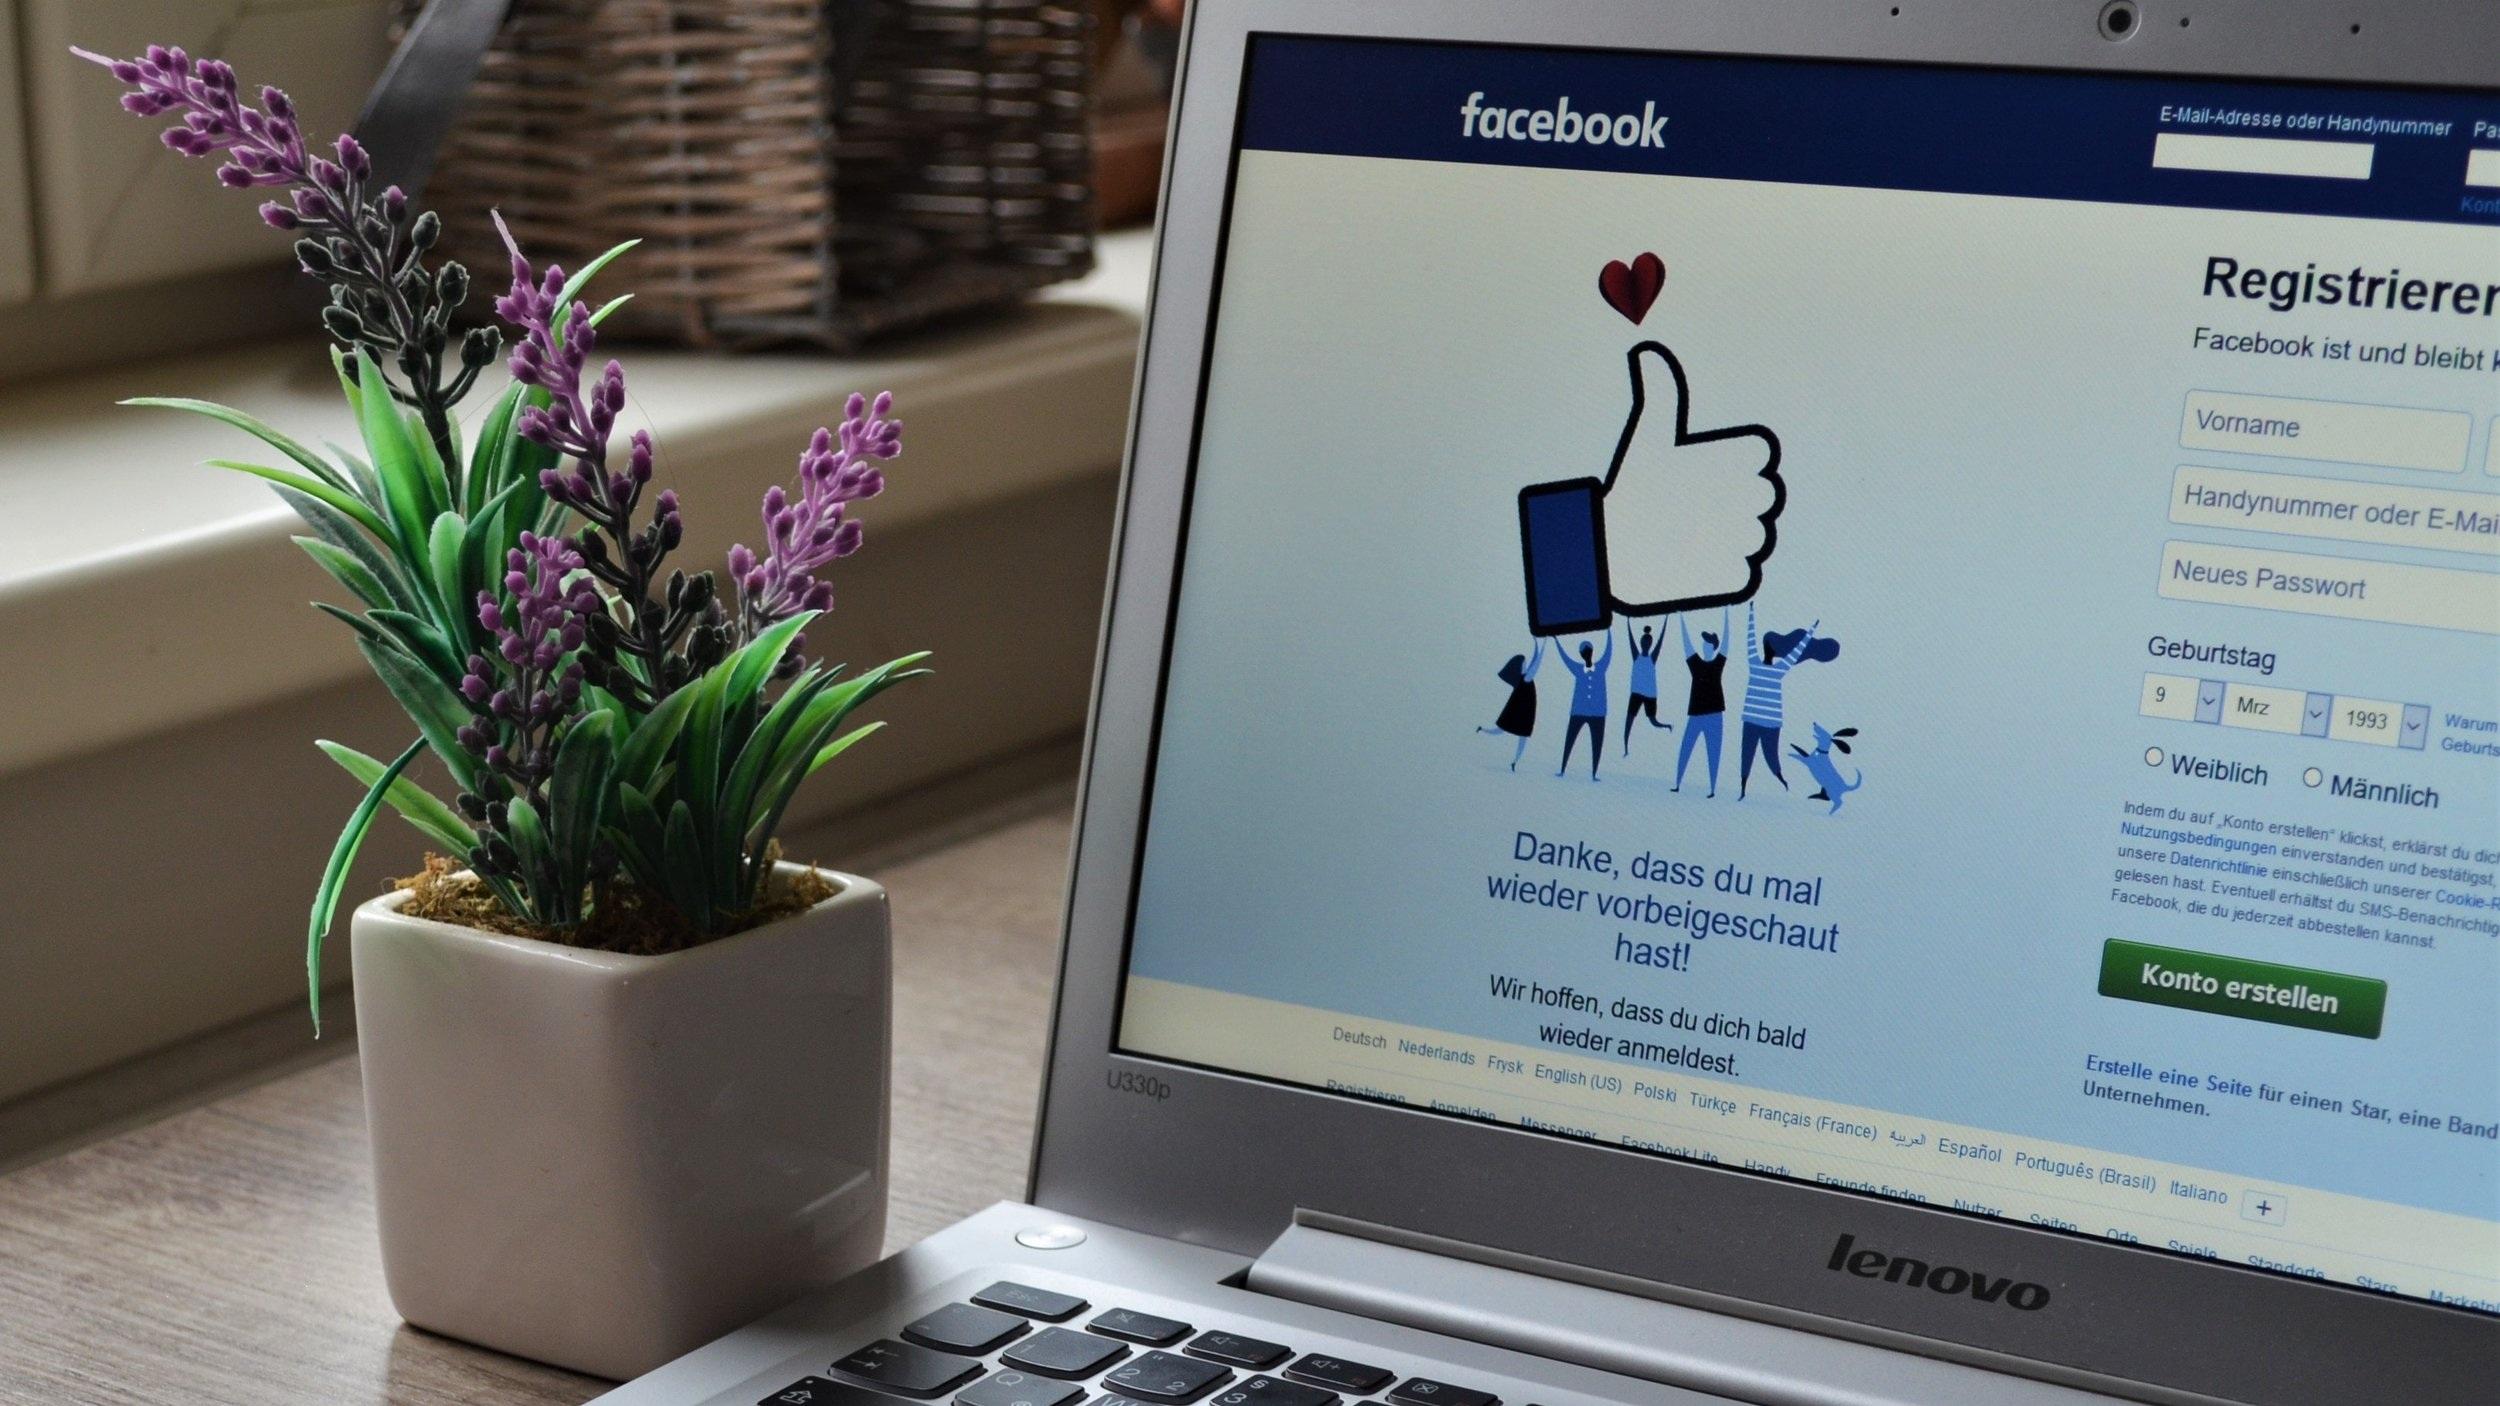 SEO - L'impact des réseaux sociaux sur le référencement naturel.